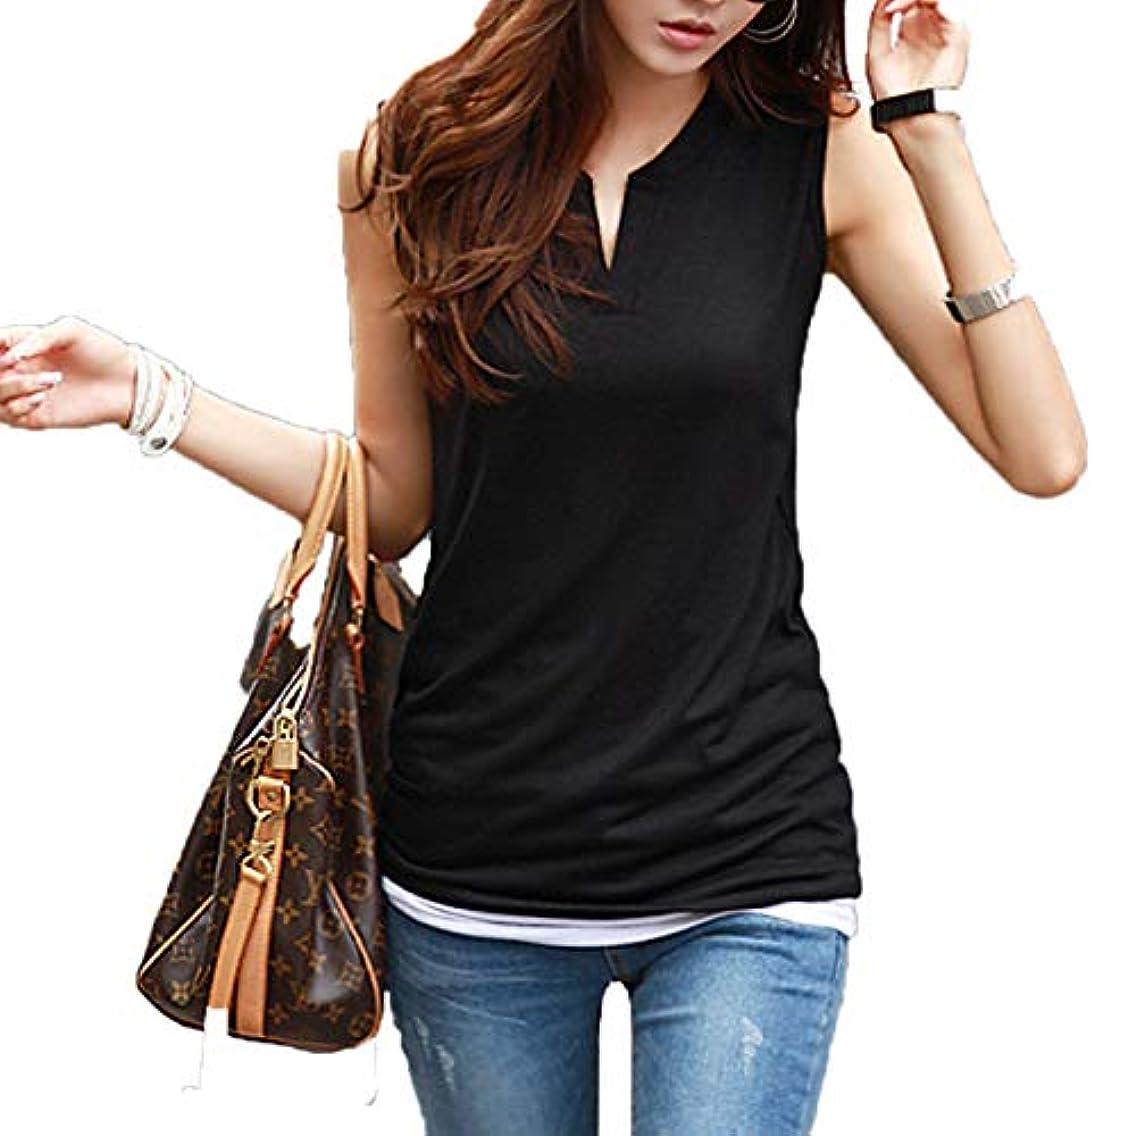 報いる抑制する販売計画[ココチエ] 夏 Tシャツ プルオーバー レディース ブラウス ノースリーブ 半袖 V コットン 白 かっこいい かわいい おしゃれ